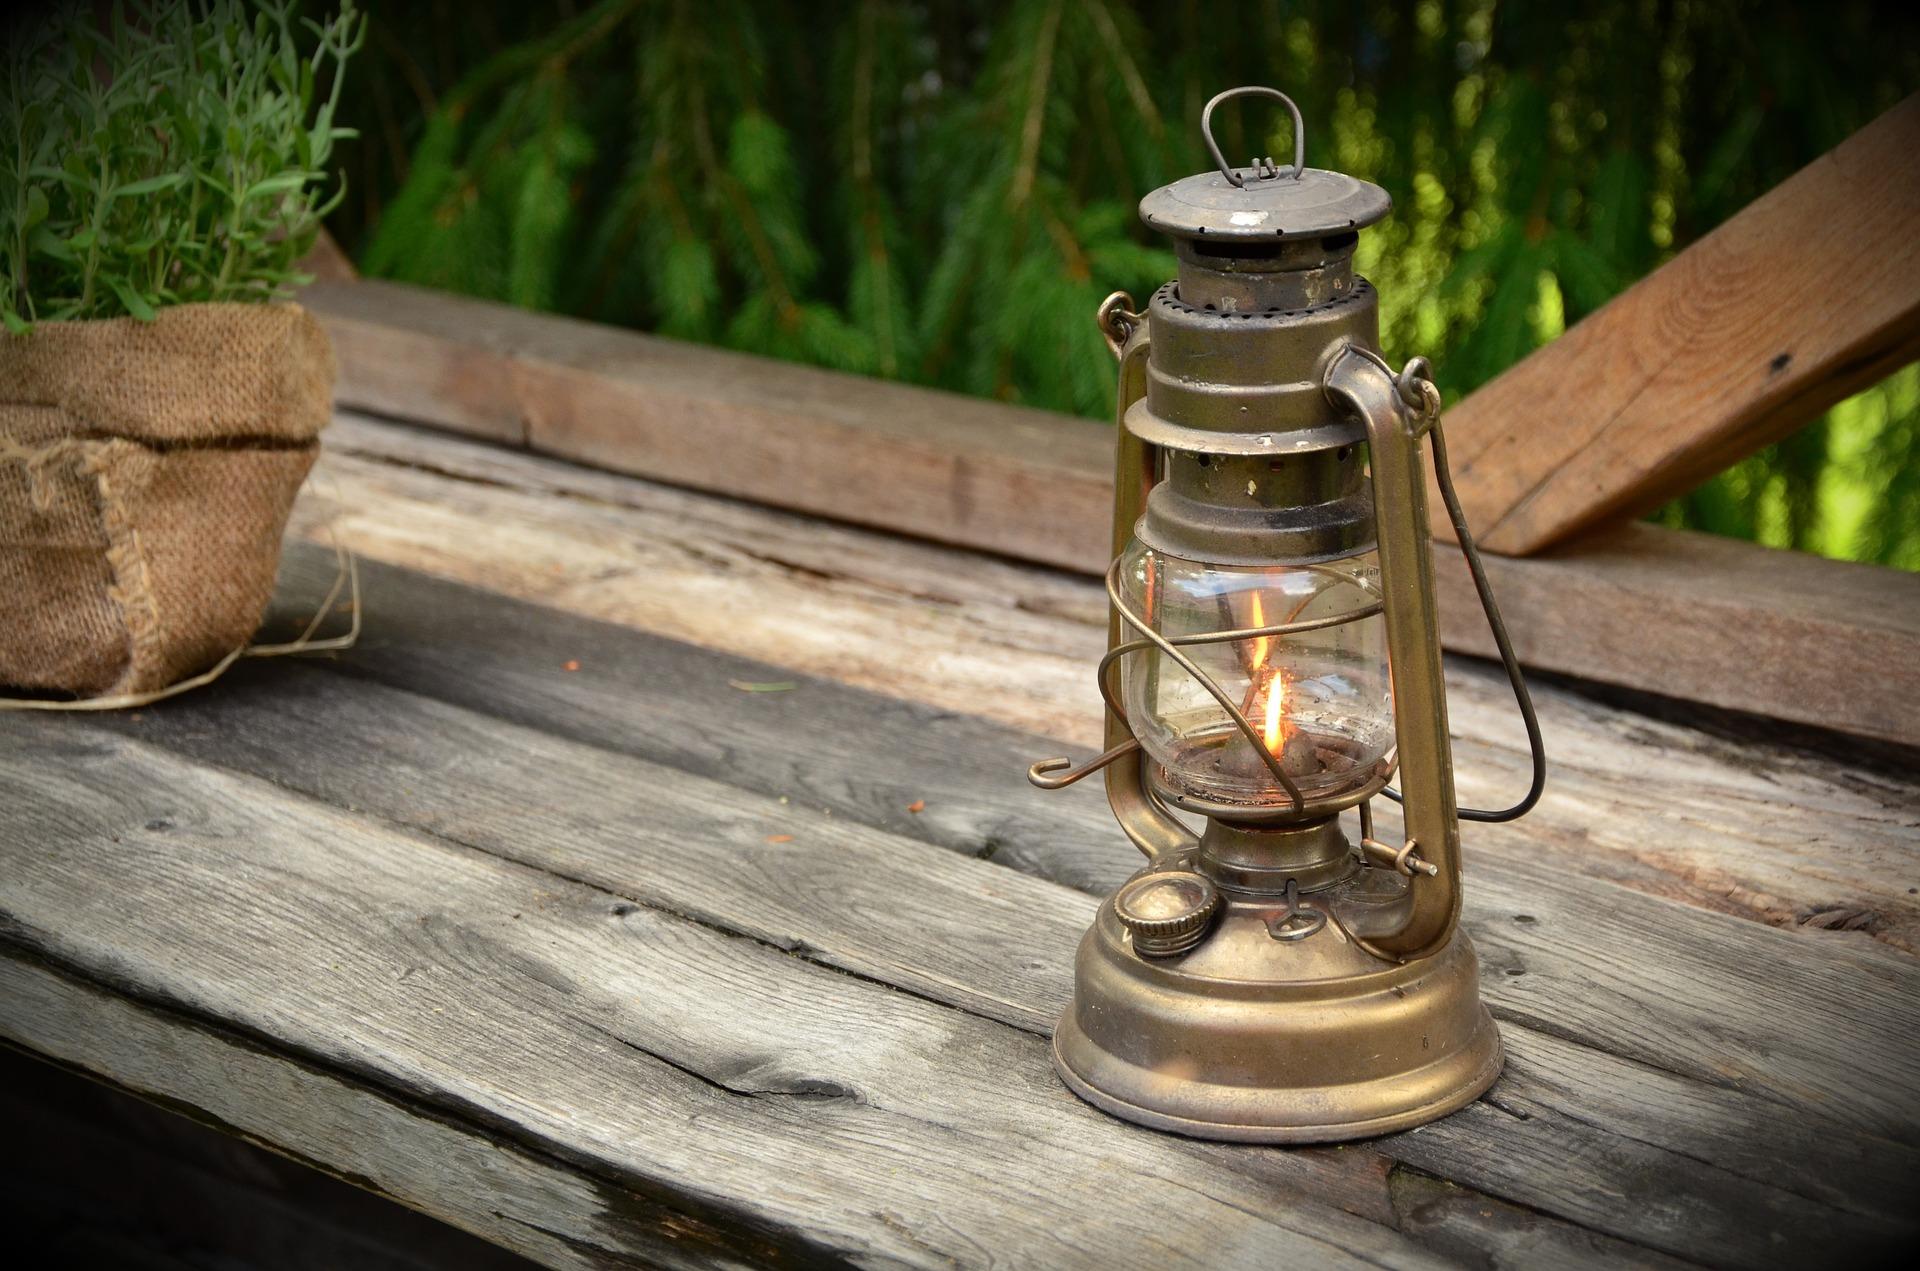 kerosene-lamp-1453994_1920